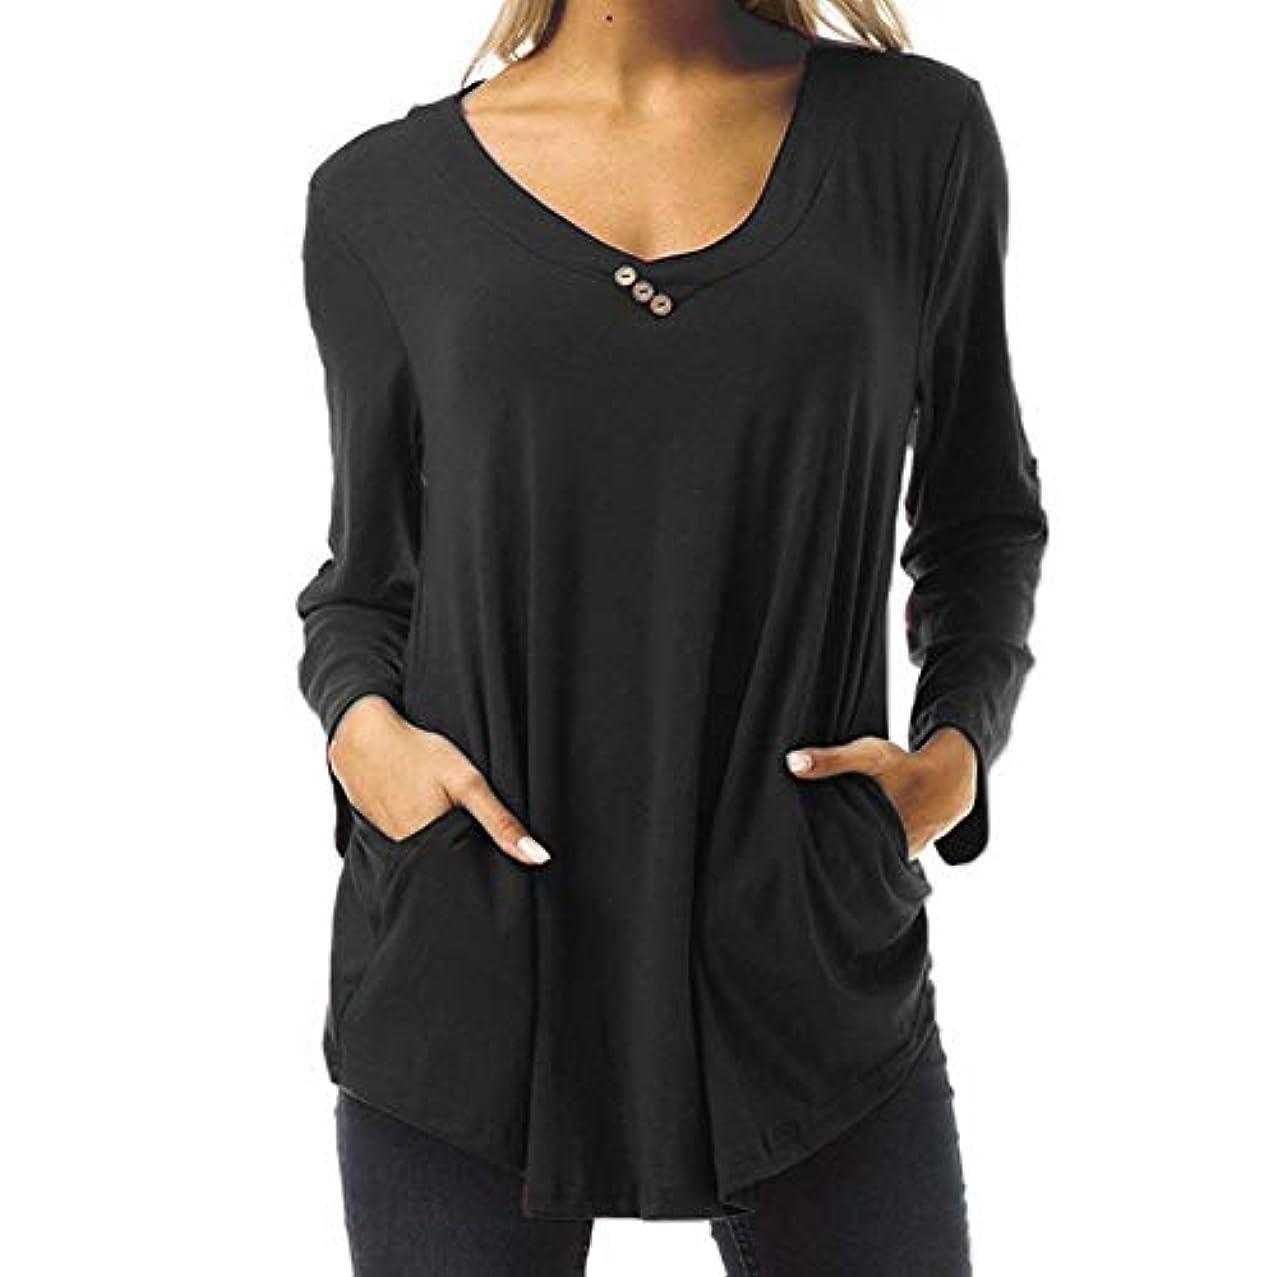 追加するを必要としています帝国主義MIFAN の女性のドレスカジュアルな不規則なドレスルースサマービーチTシャツドレス